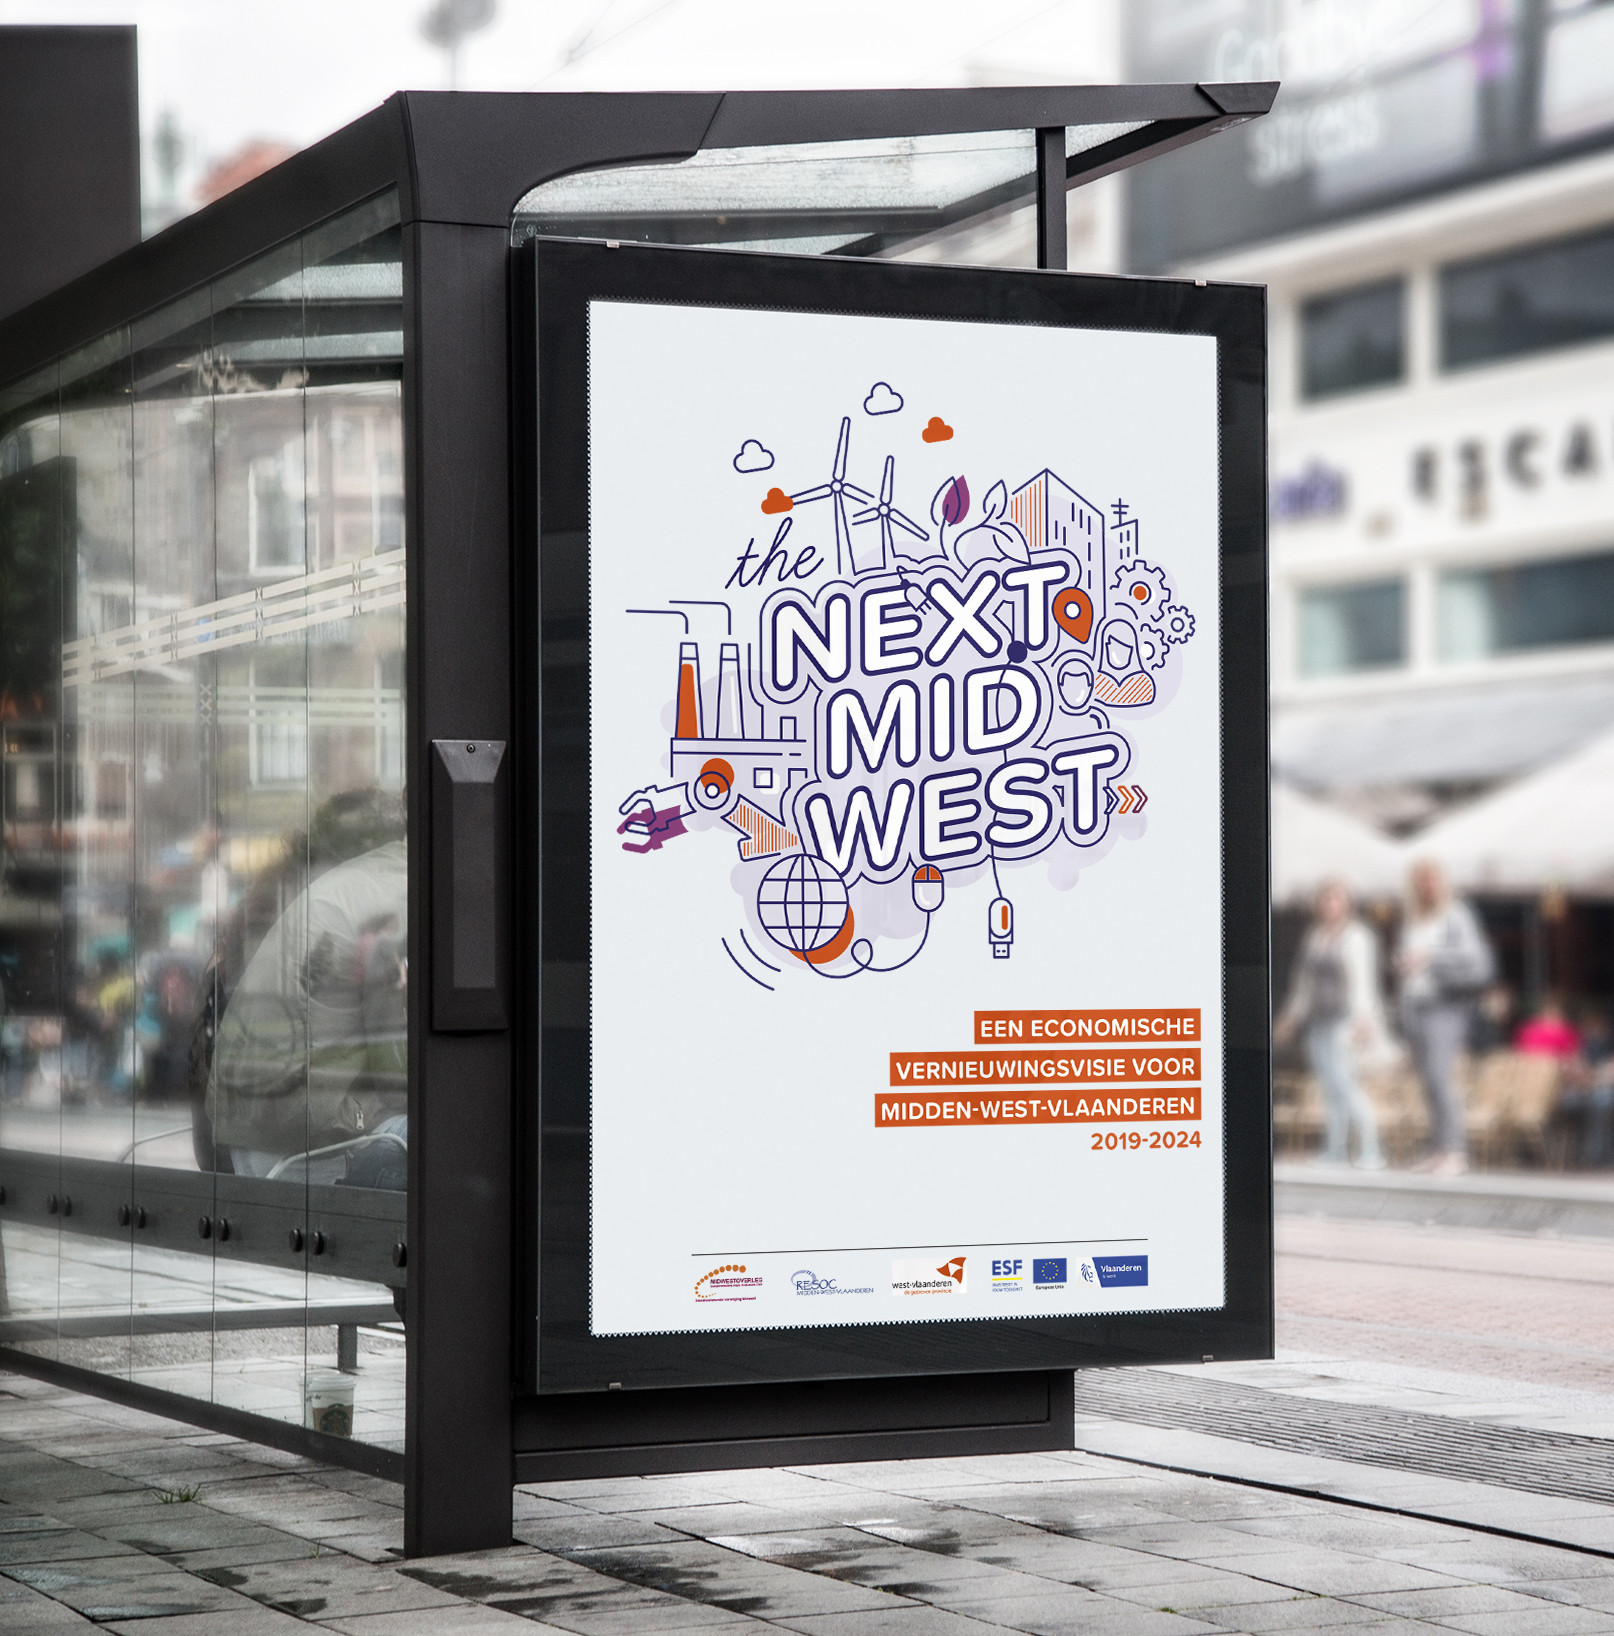 Dit creatieve campagnebeeld ontwikkelde Capone voor RESOC Midden-West-Vlaanderen.